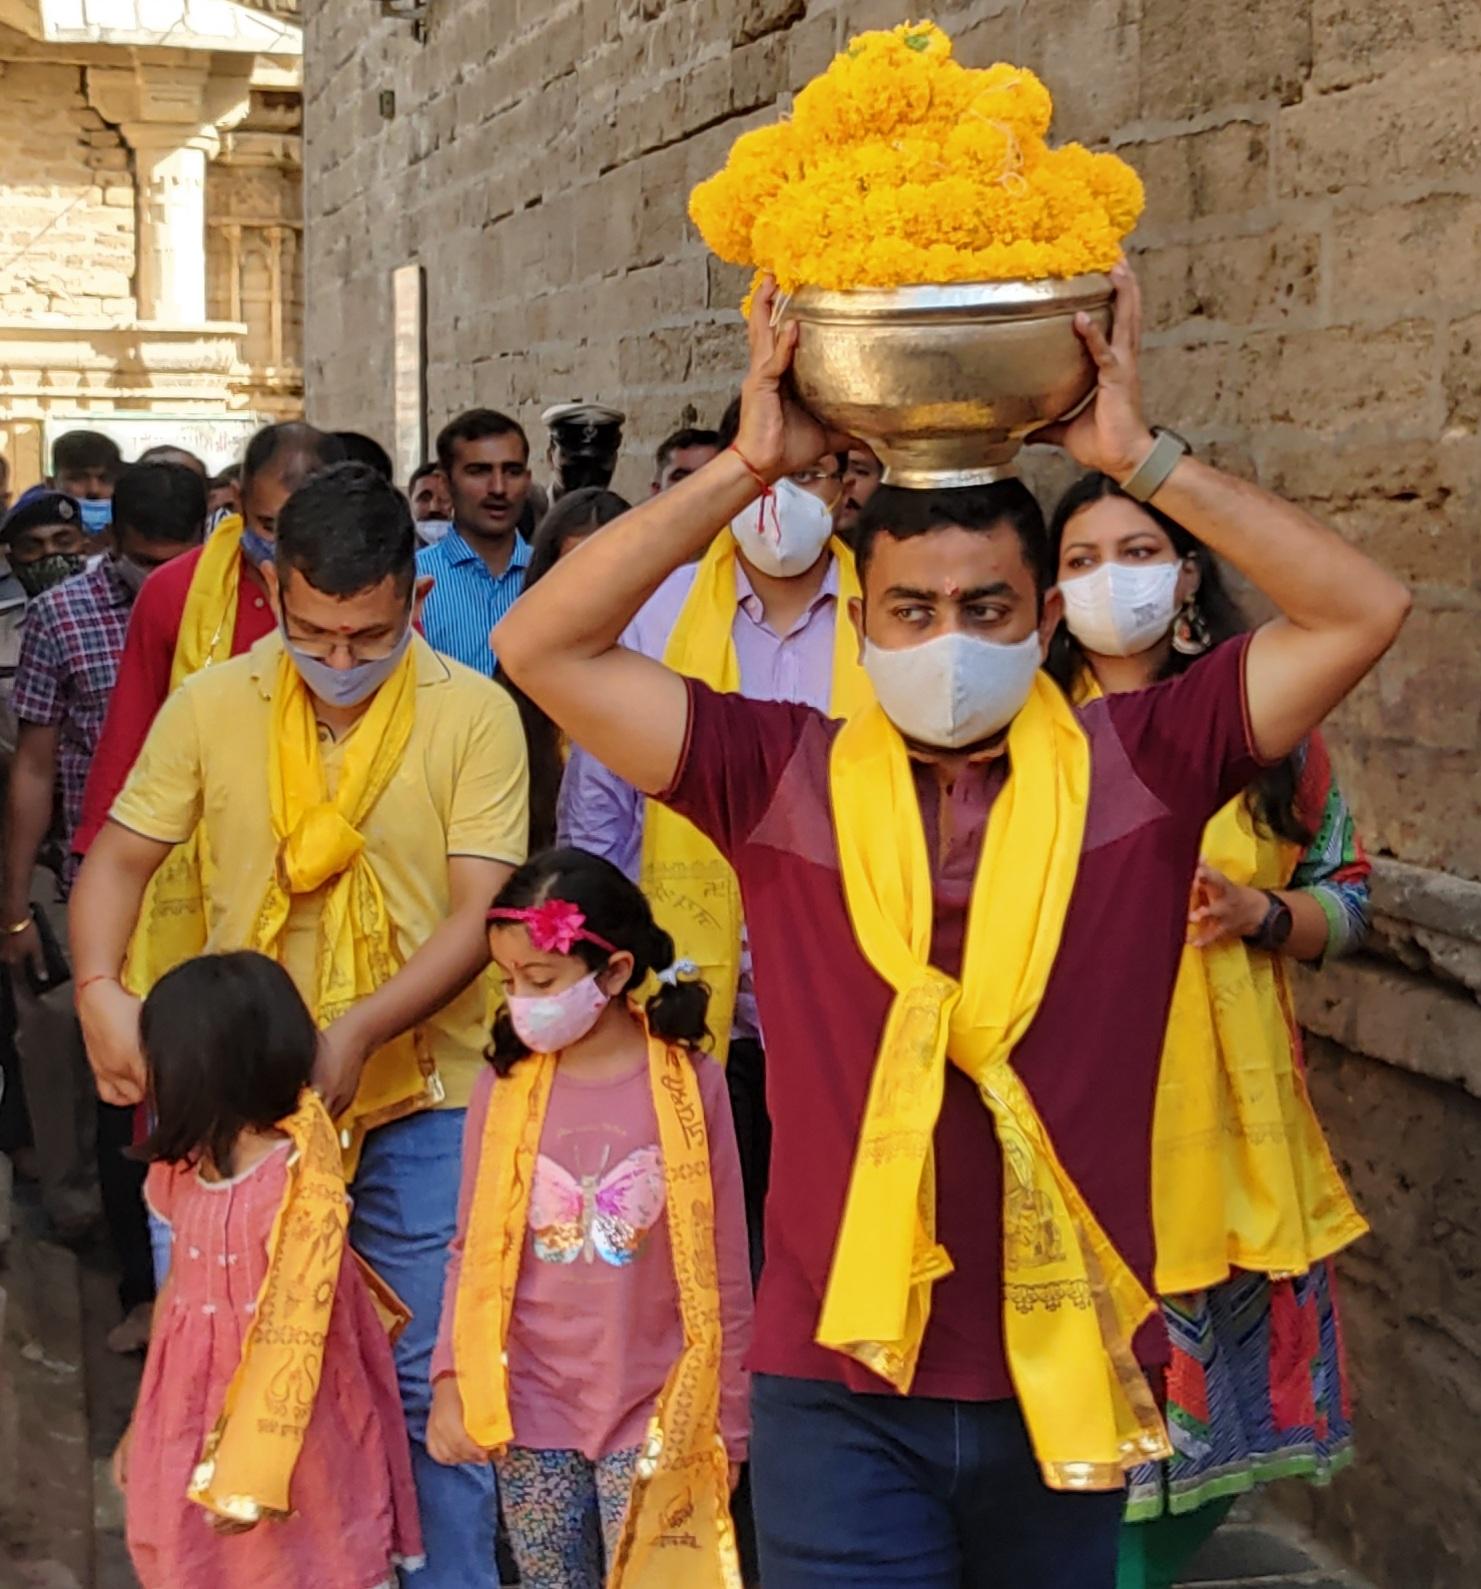 ભક્તોની લાગણીને ધ્યાન પર રાખી દ્વારકાધીશ મંદિર દર્શન માટે ખુલ્લું રાખવાનો નિર્ણય, અગાઉ 3 દિવસ બંધ રાખવાની જાહેરાત કરવામા આવી હતી જામનગર,Jamnagar - Divya Bhaskar